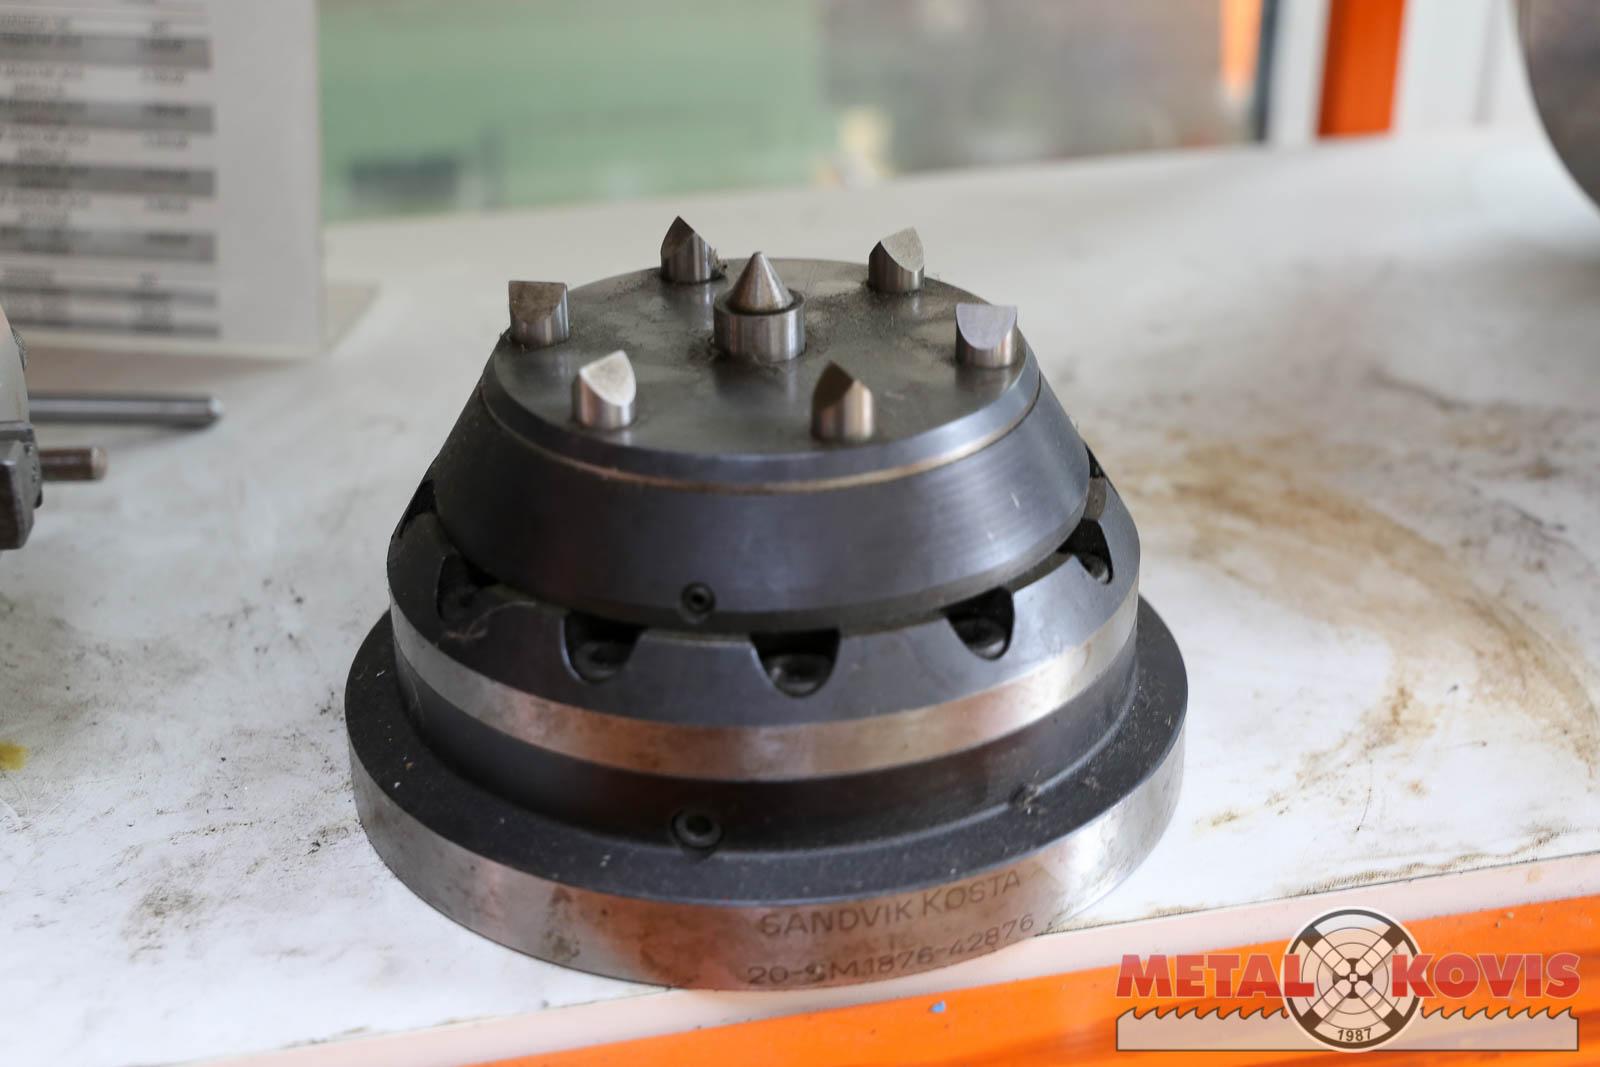 Šiljak za CNC strojeve Sandvik